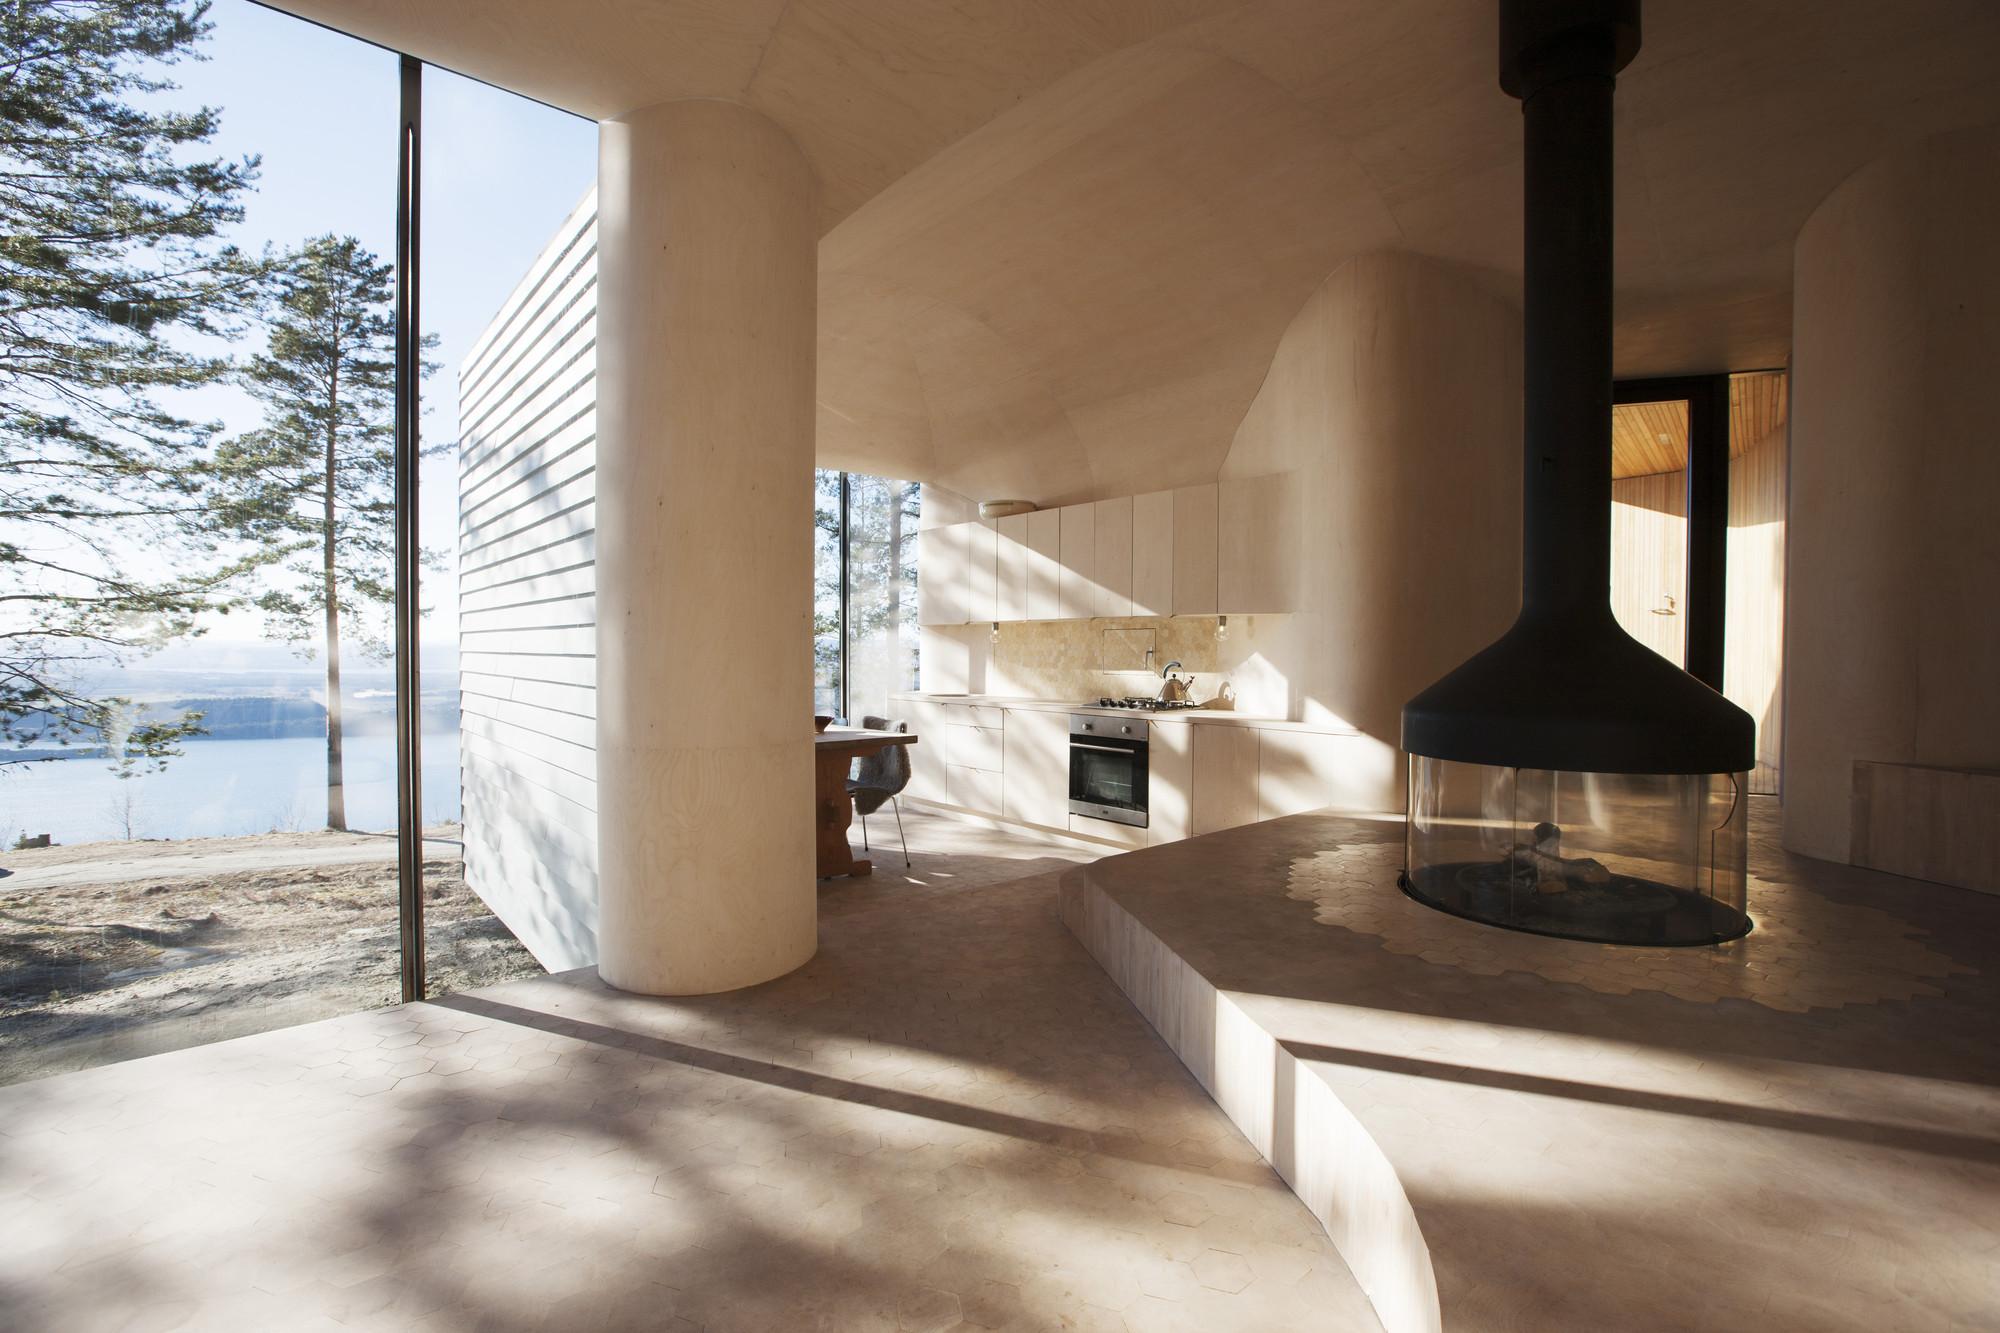 Cabin Norderhov / Atelier Oslo, © Lars Petter Pettersen